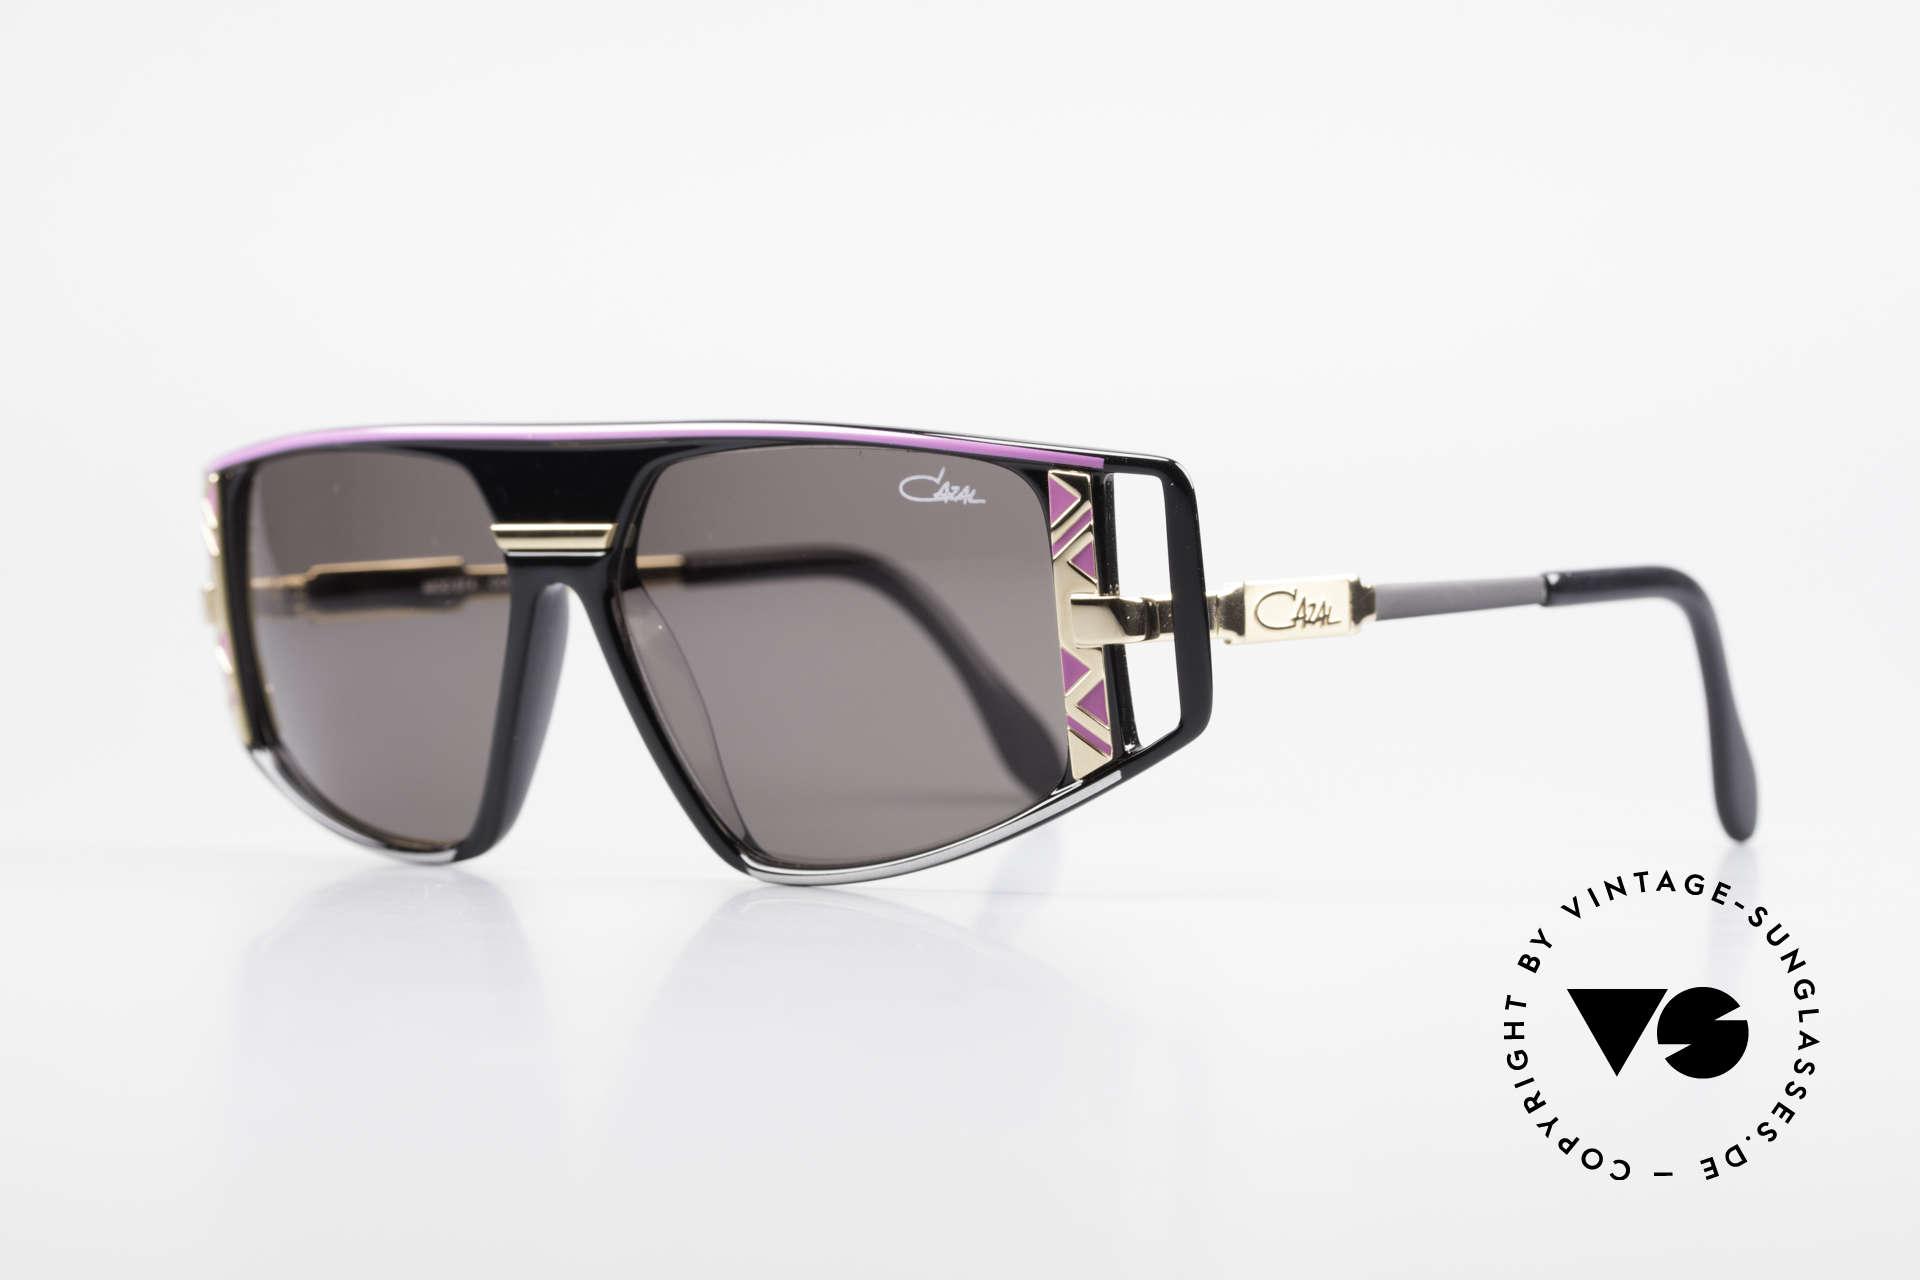 Cazal 874 Lady Gaga Sonnenbrille 90er, enorm viele Design-Details (unverwechselbar Cazal), Passend für Herren und Damen